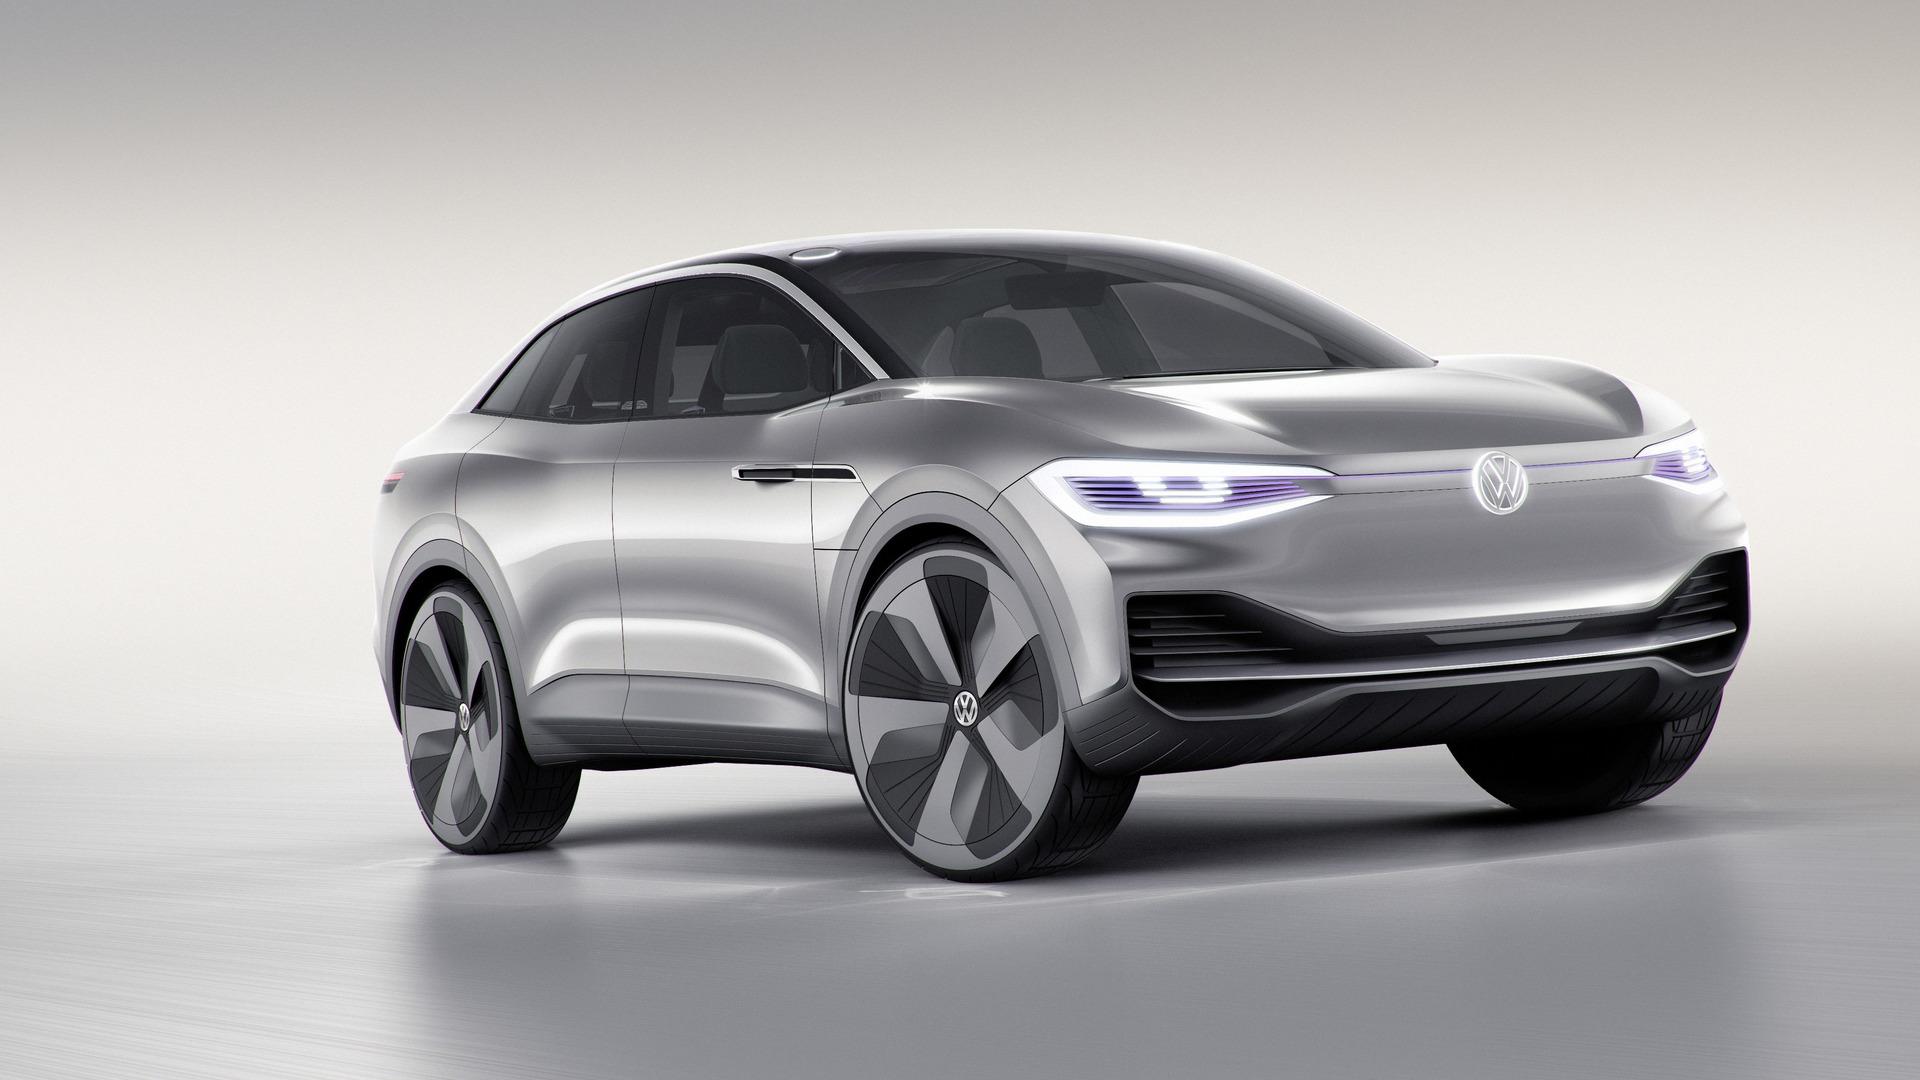 Volkswagen I.D. Cross Concept